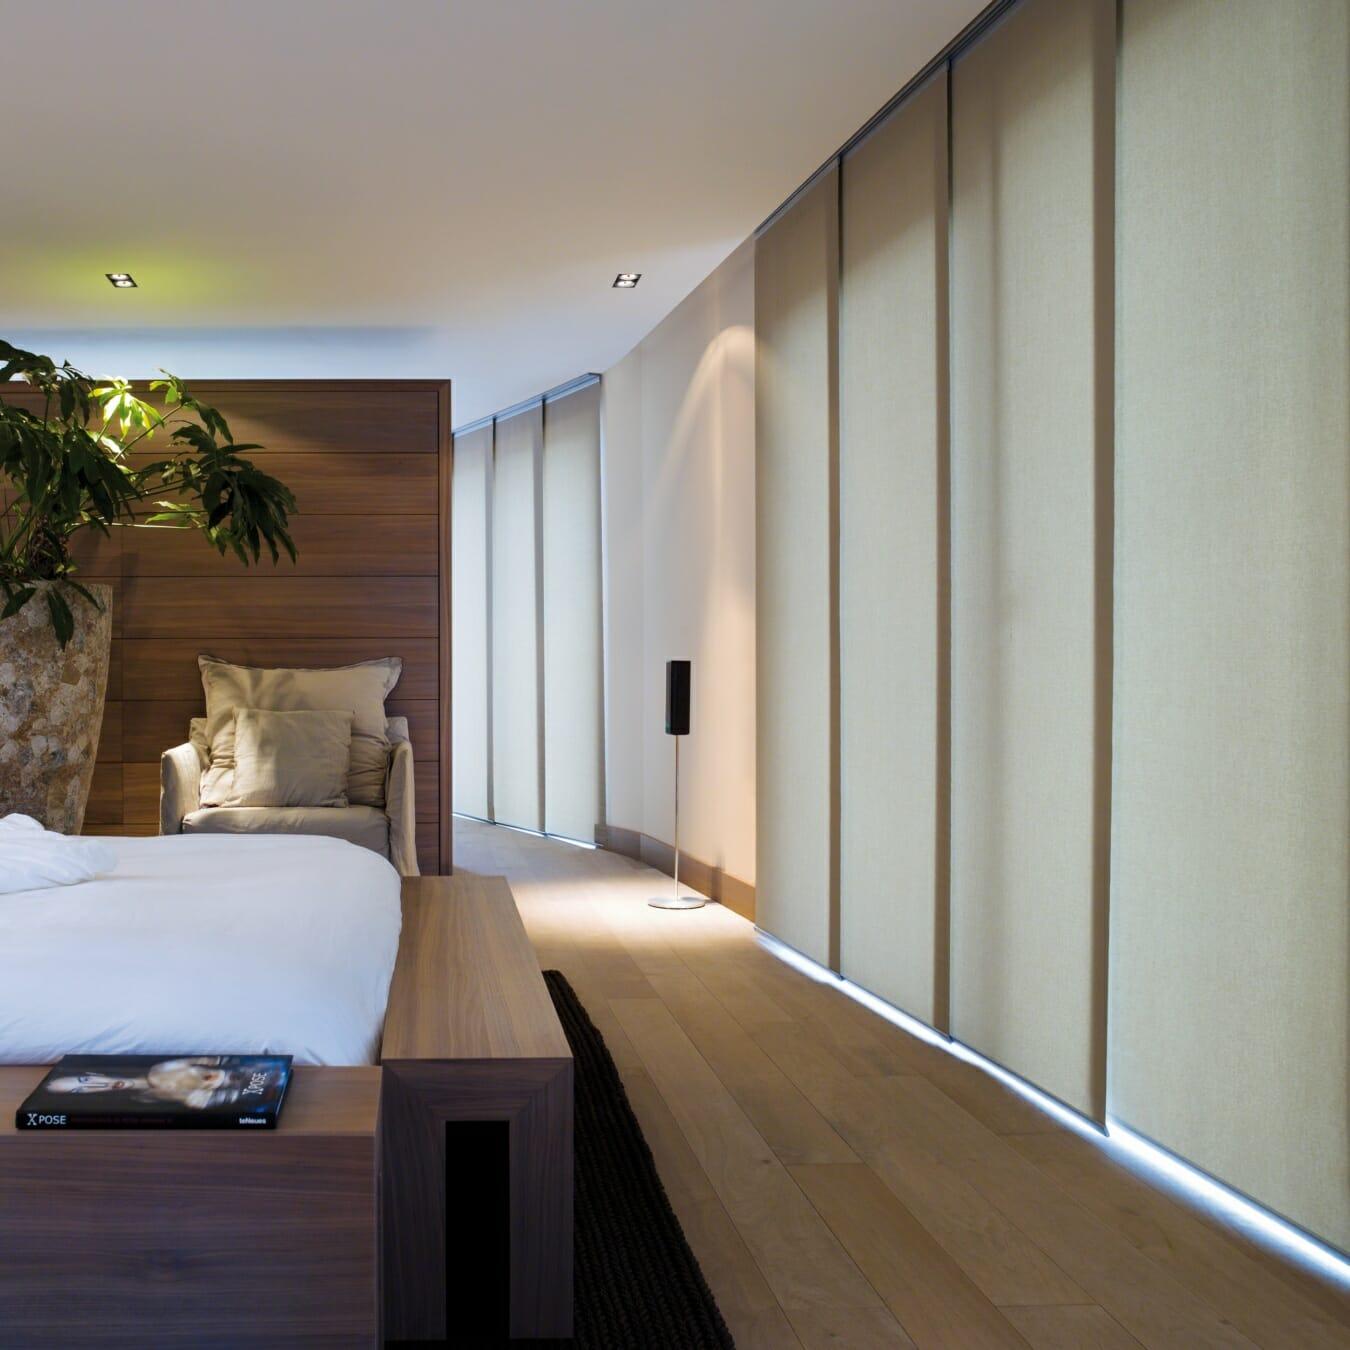 Paneelgordijnen slaapkamer